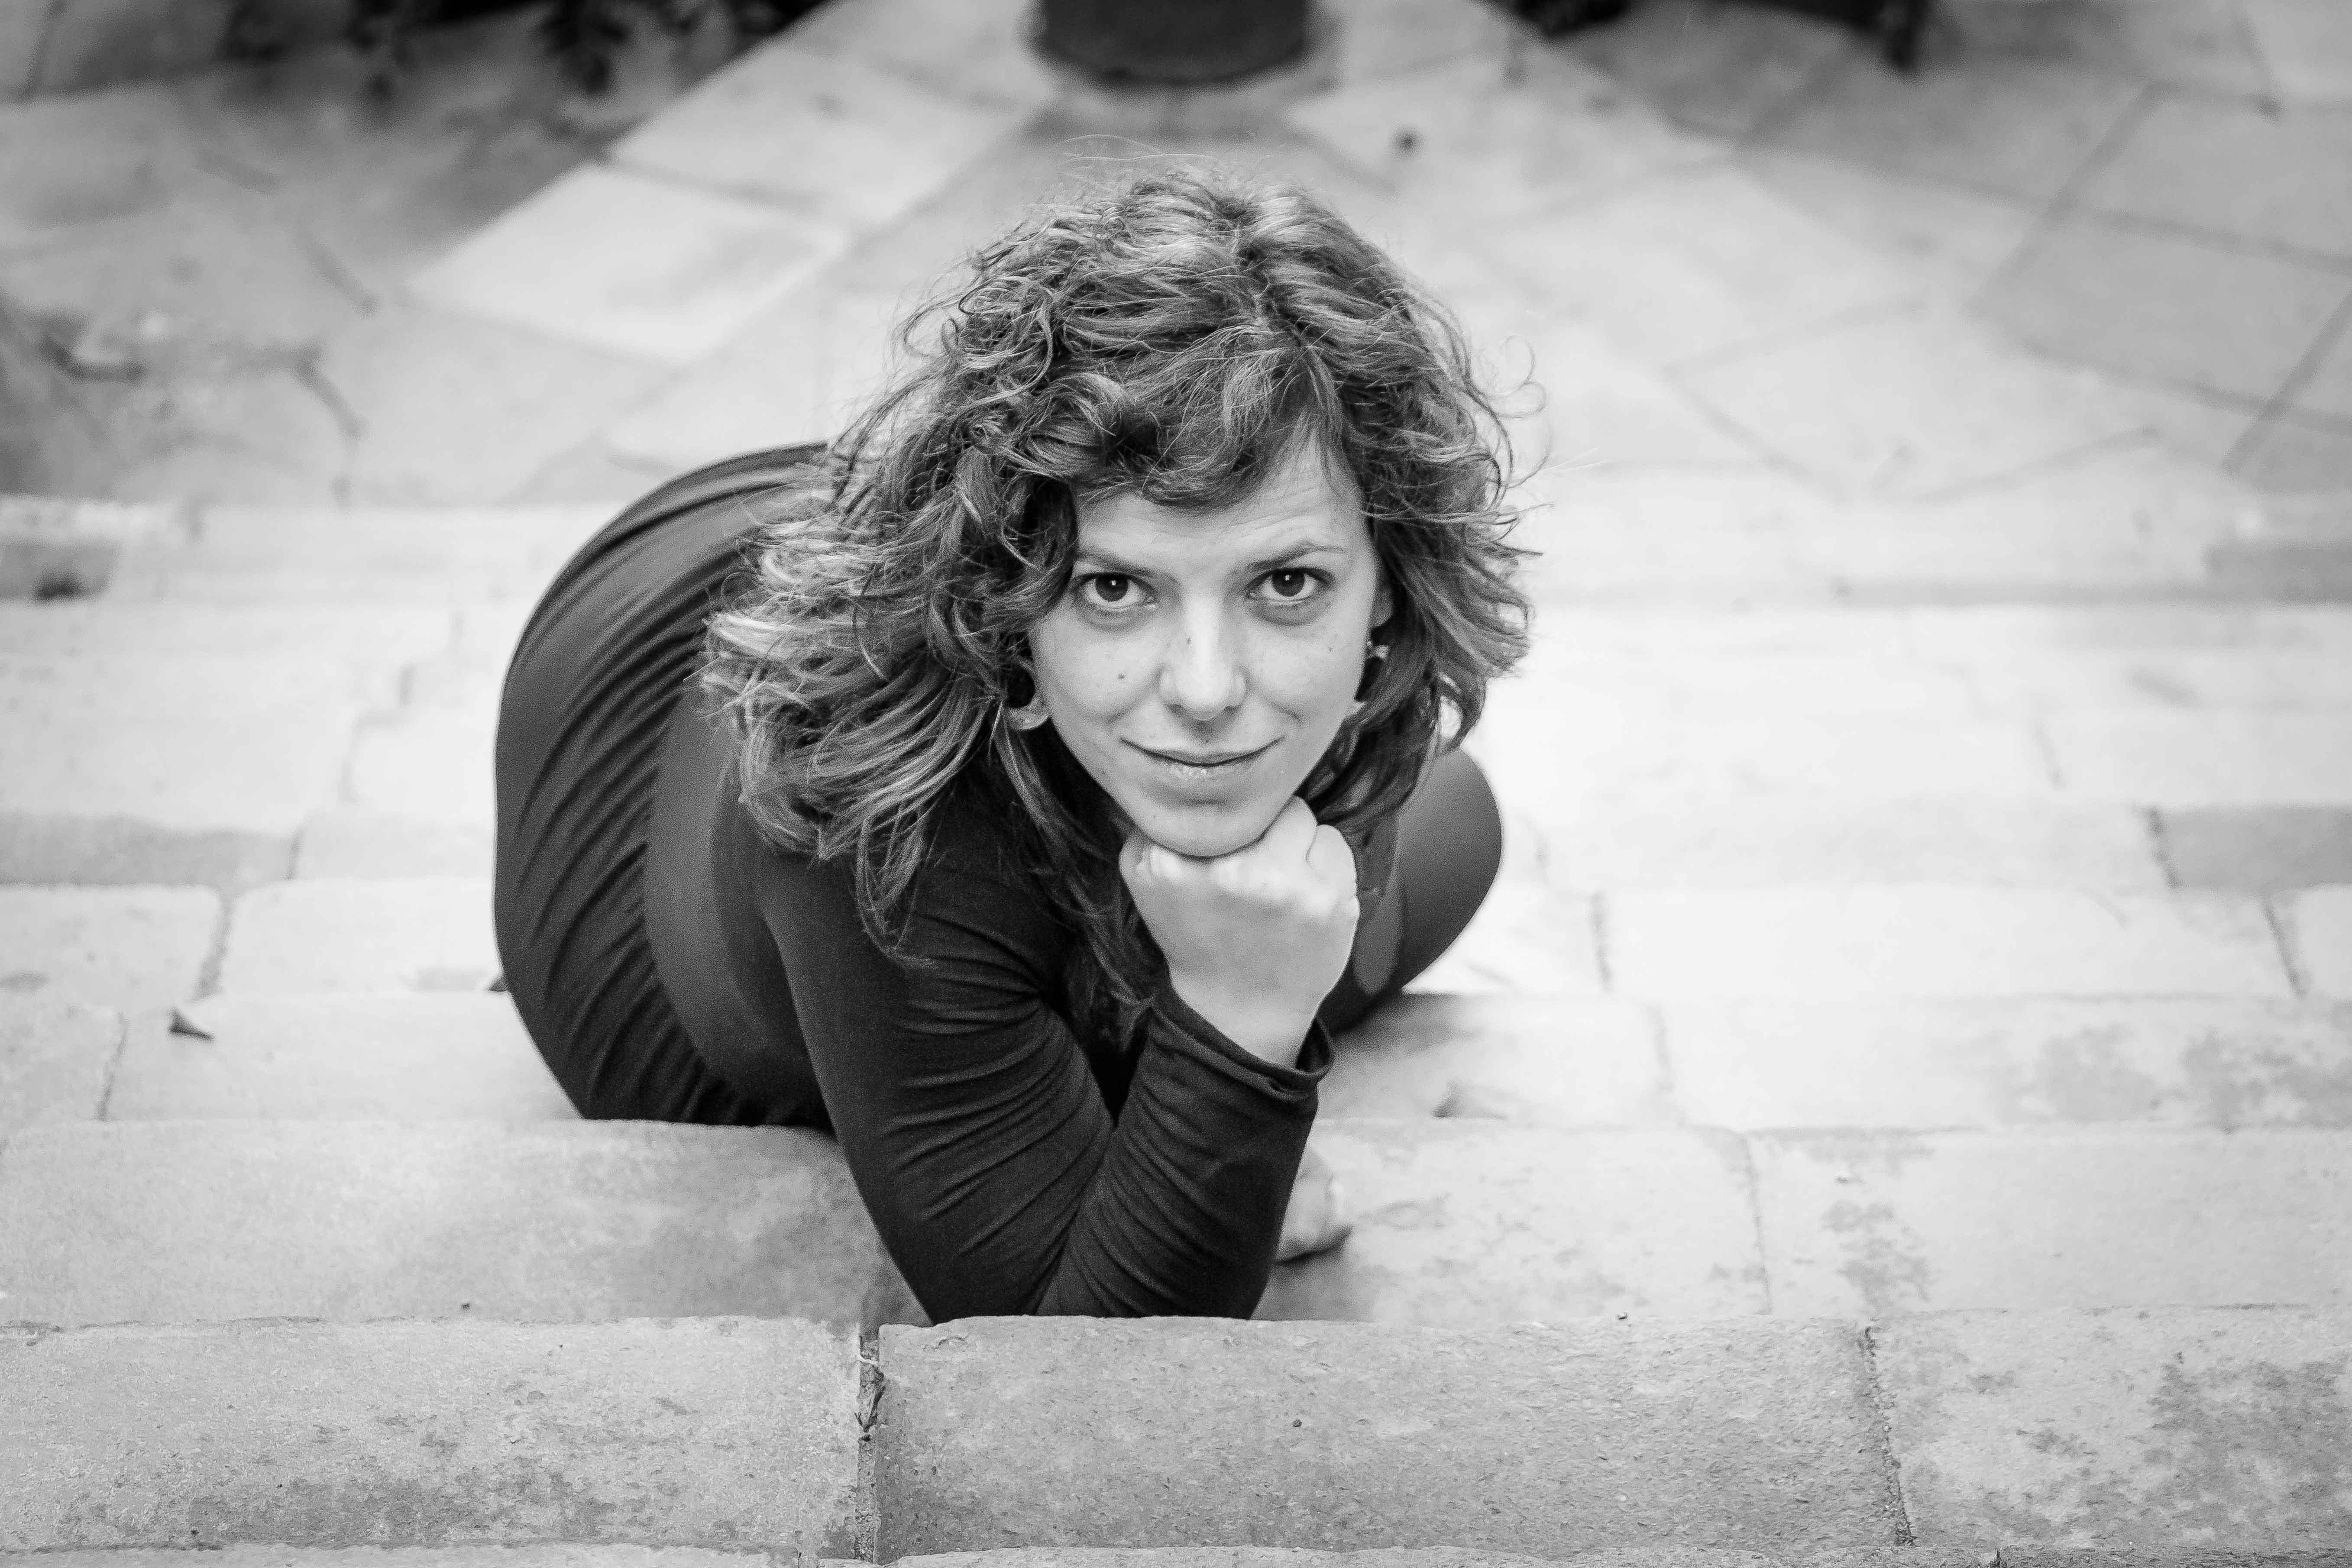 Filipa Mendes